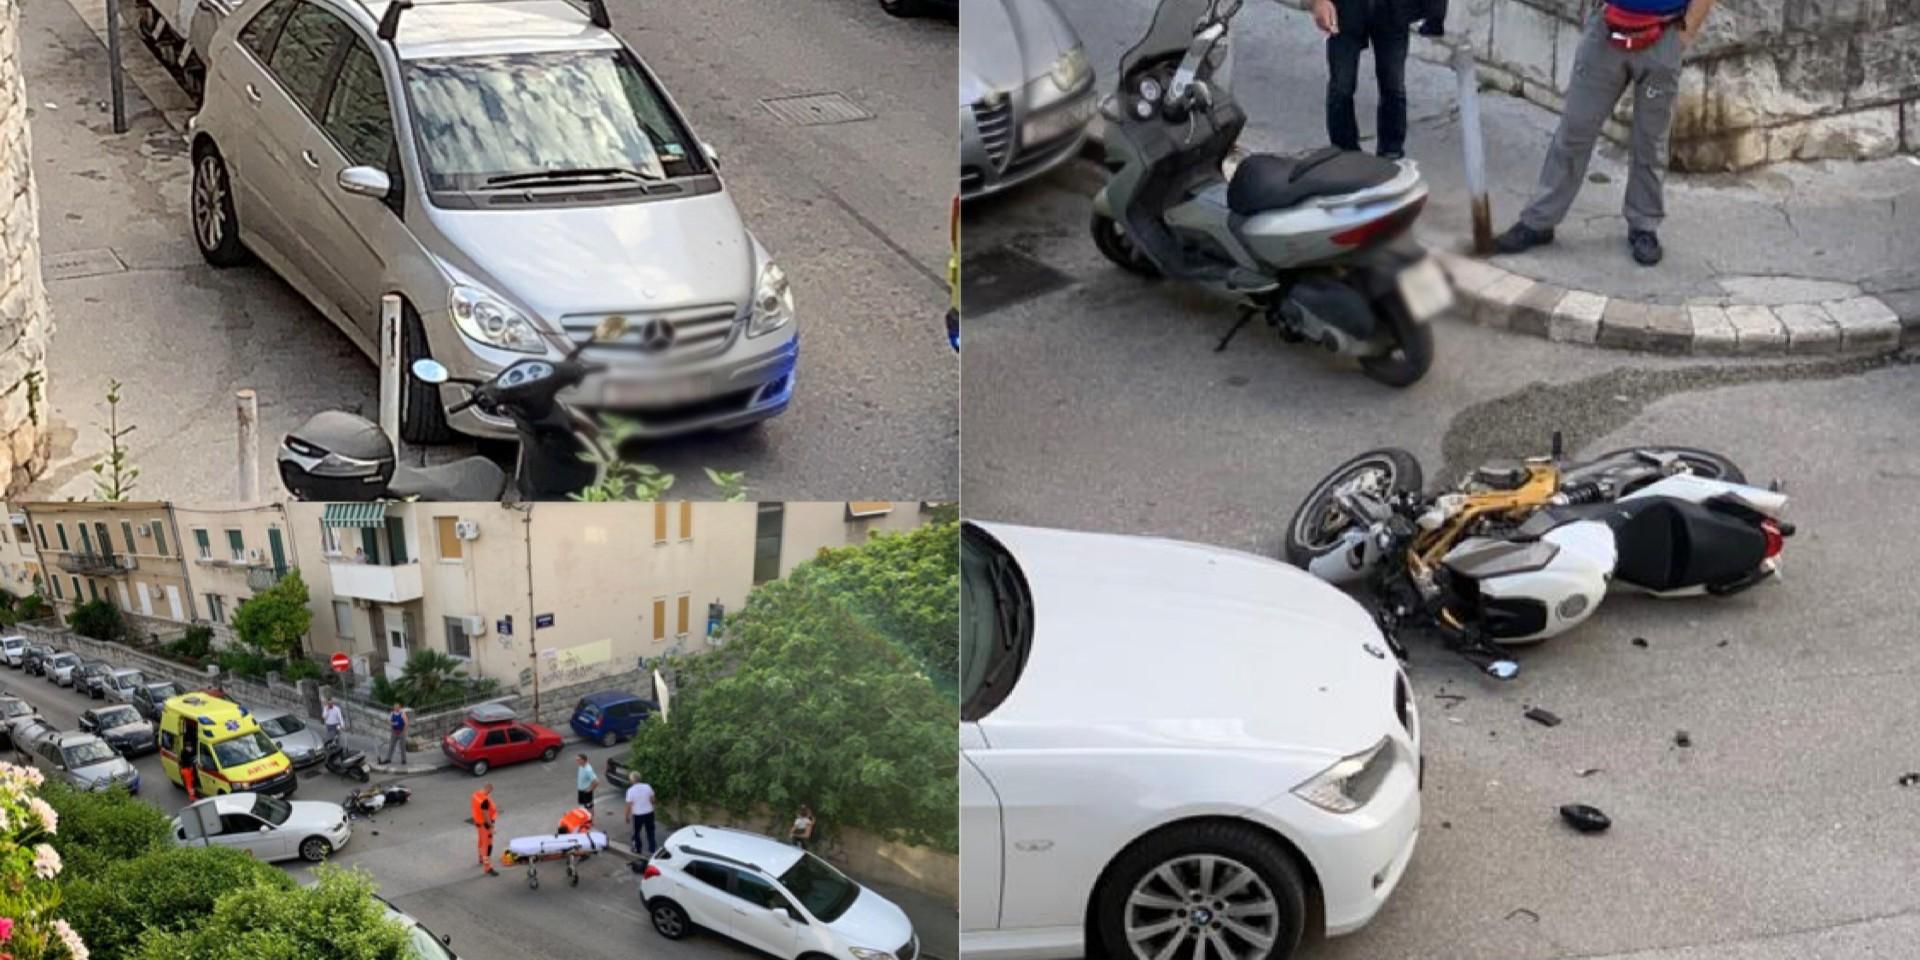 UŽAS U DRŽIĆEVOJ Automobil udario motociklistu, odvezen je u bolnicu